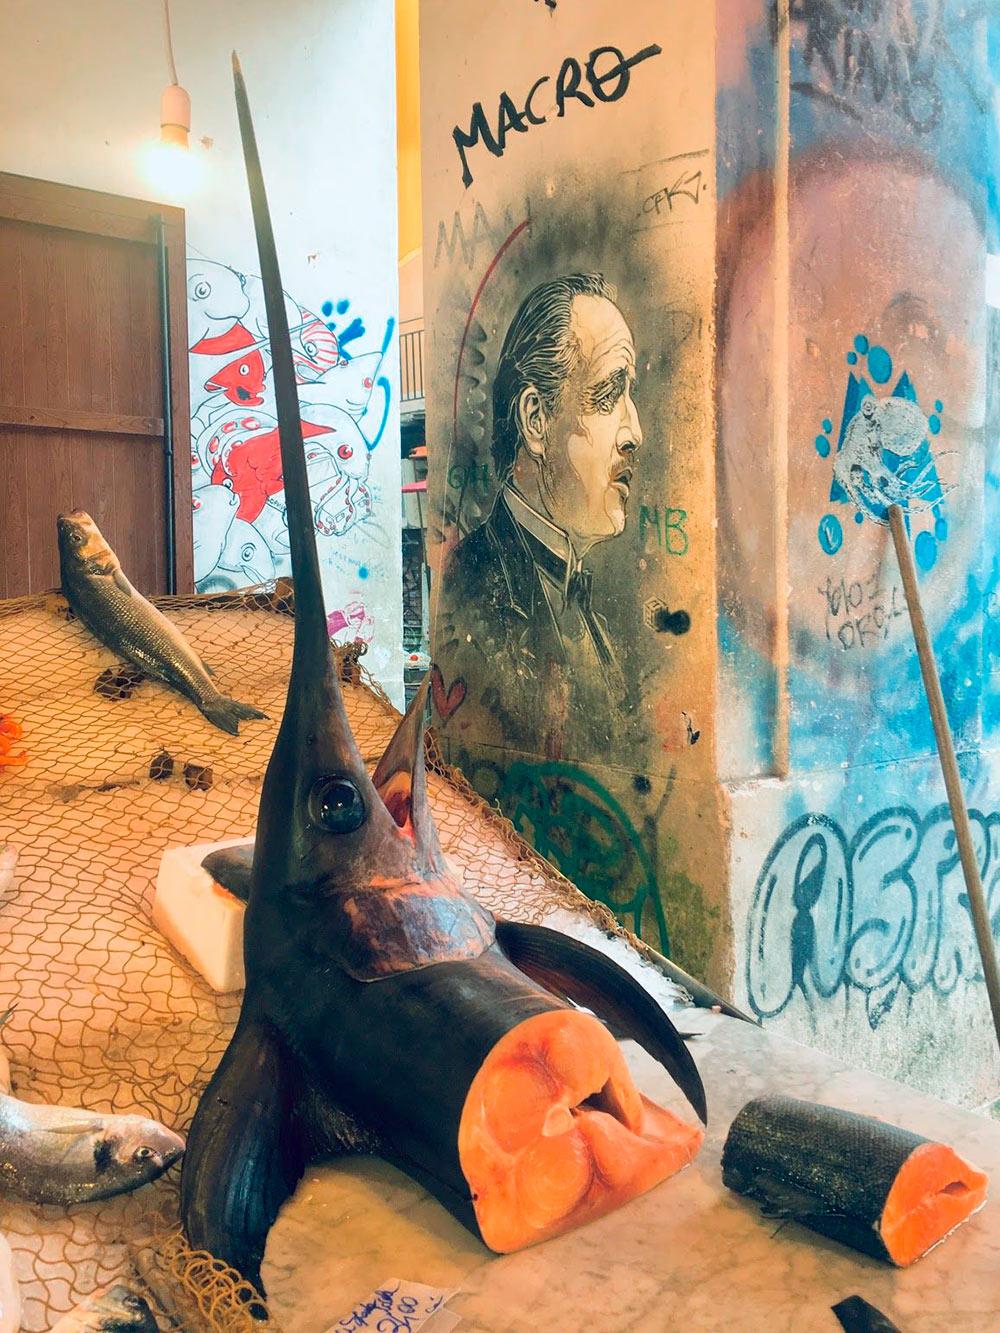 Рыба-меч натуристическом рынке Вуччирия вПалермо